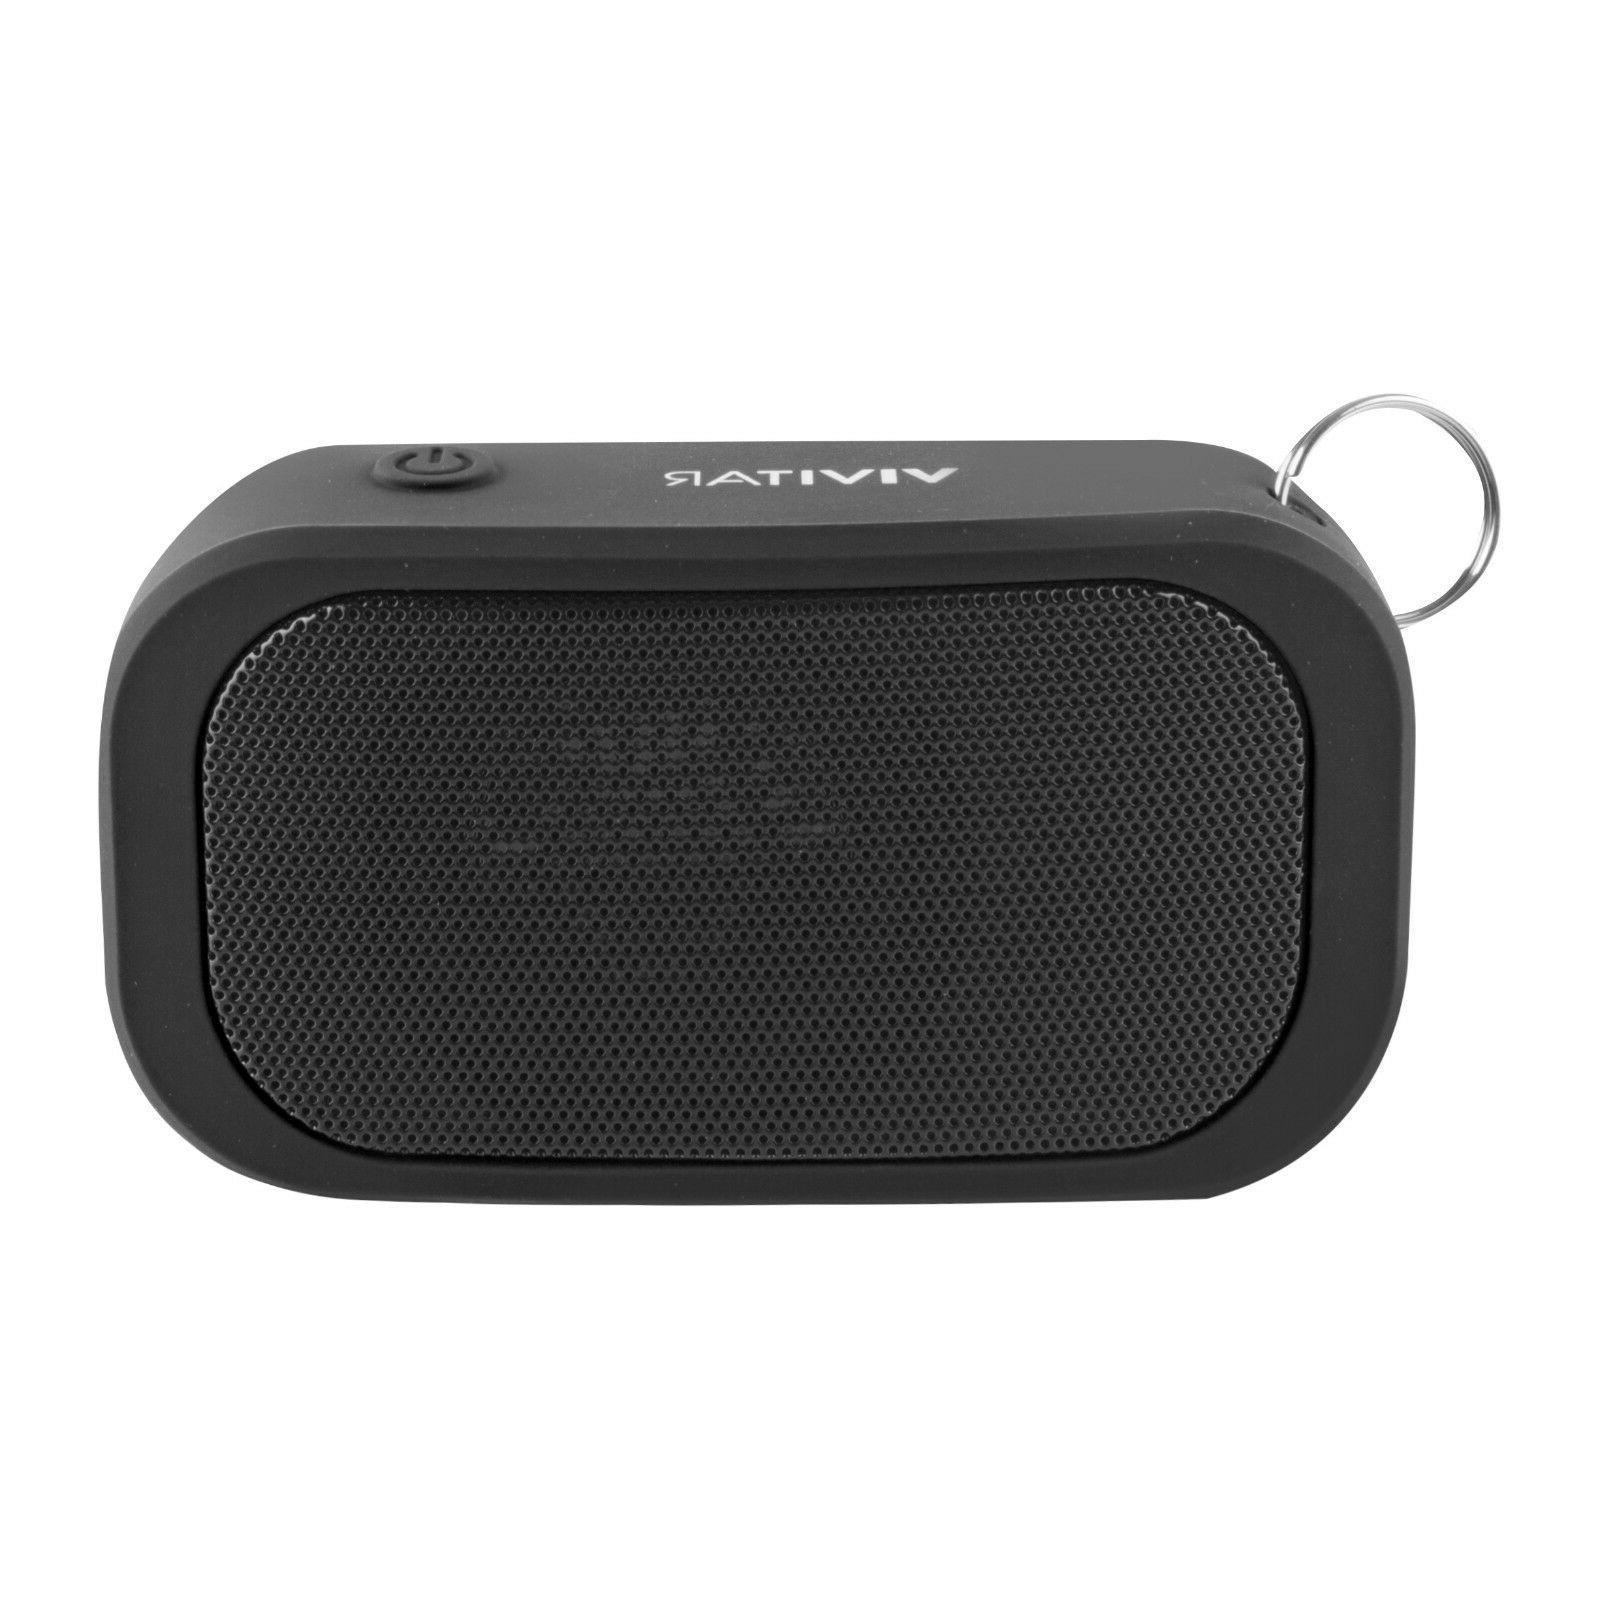 Blackweb Rugged Bluetooth Speaker Black Ipx7